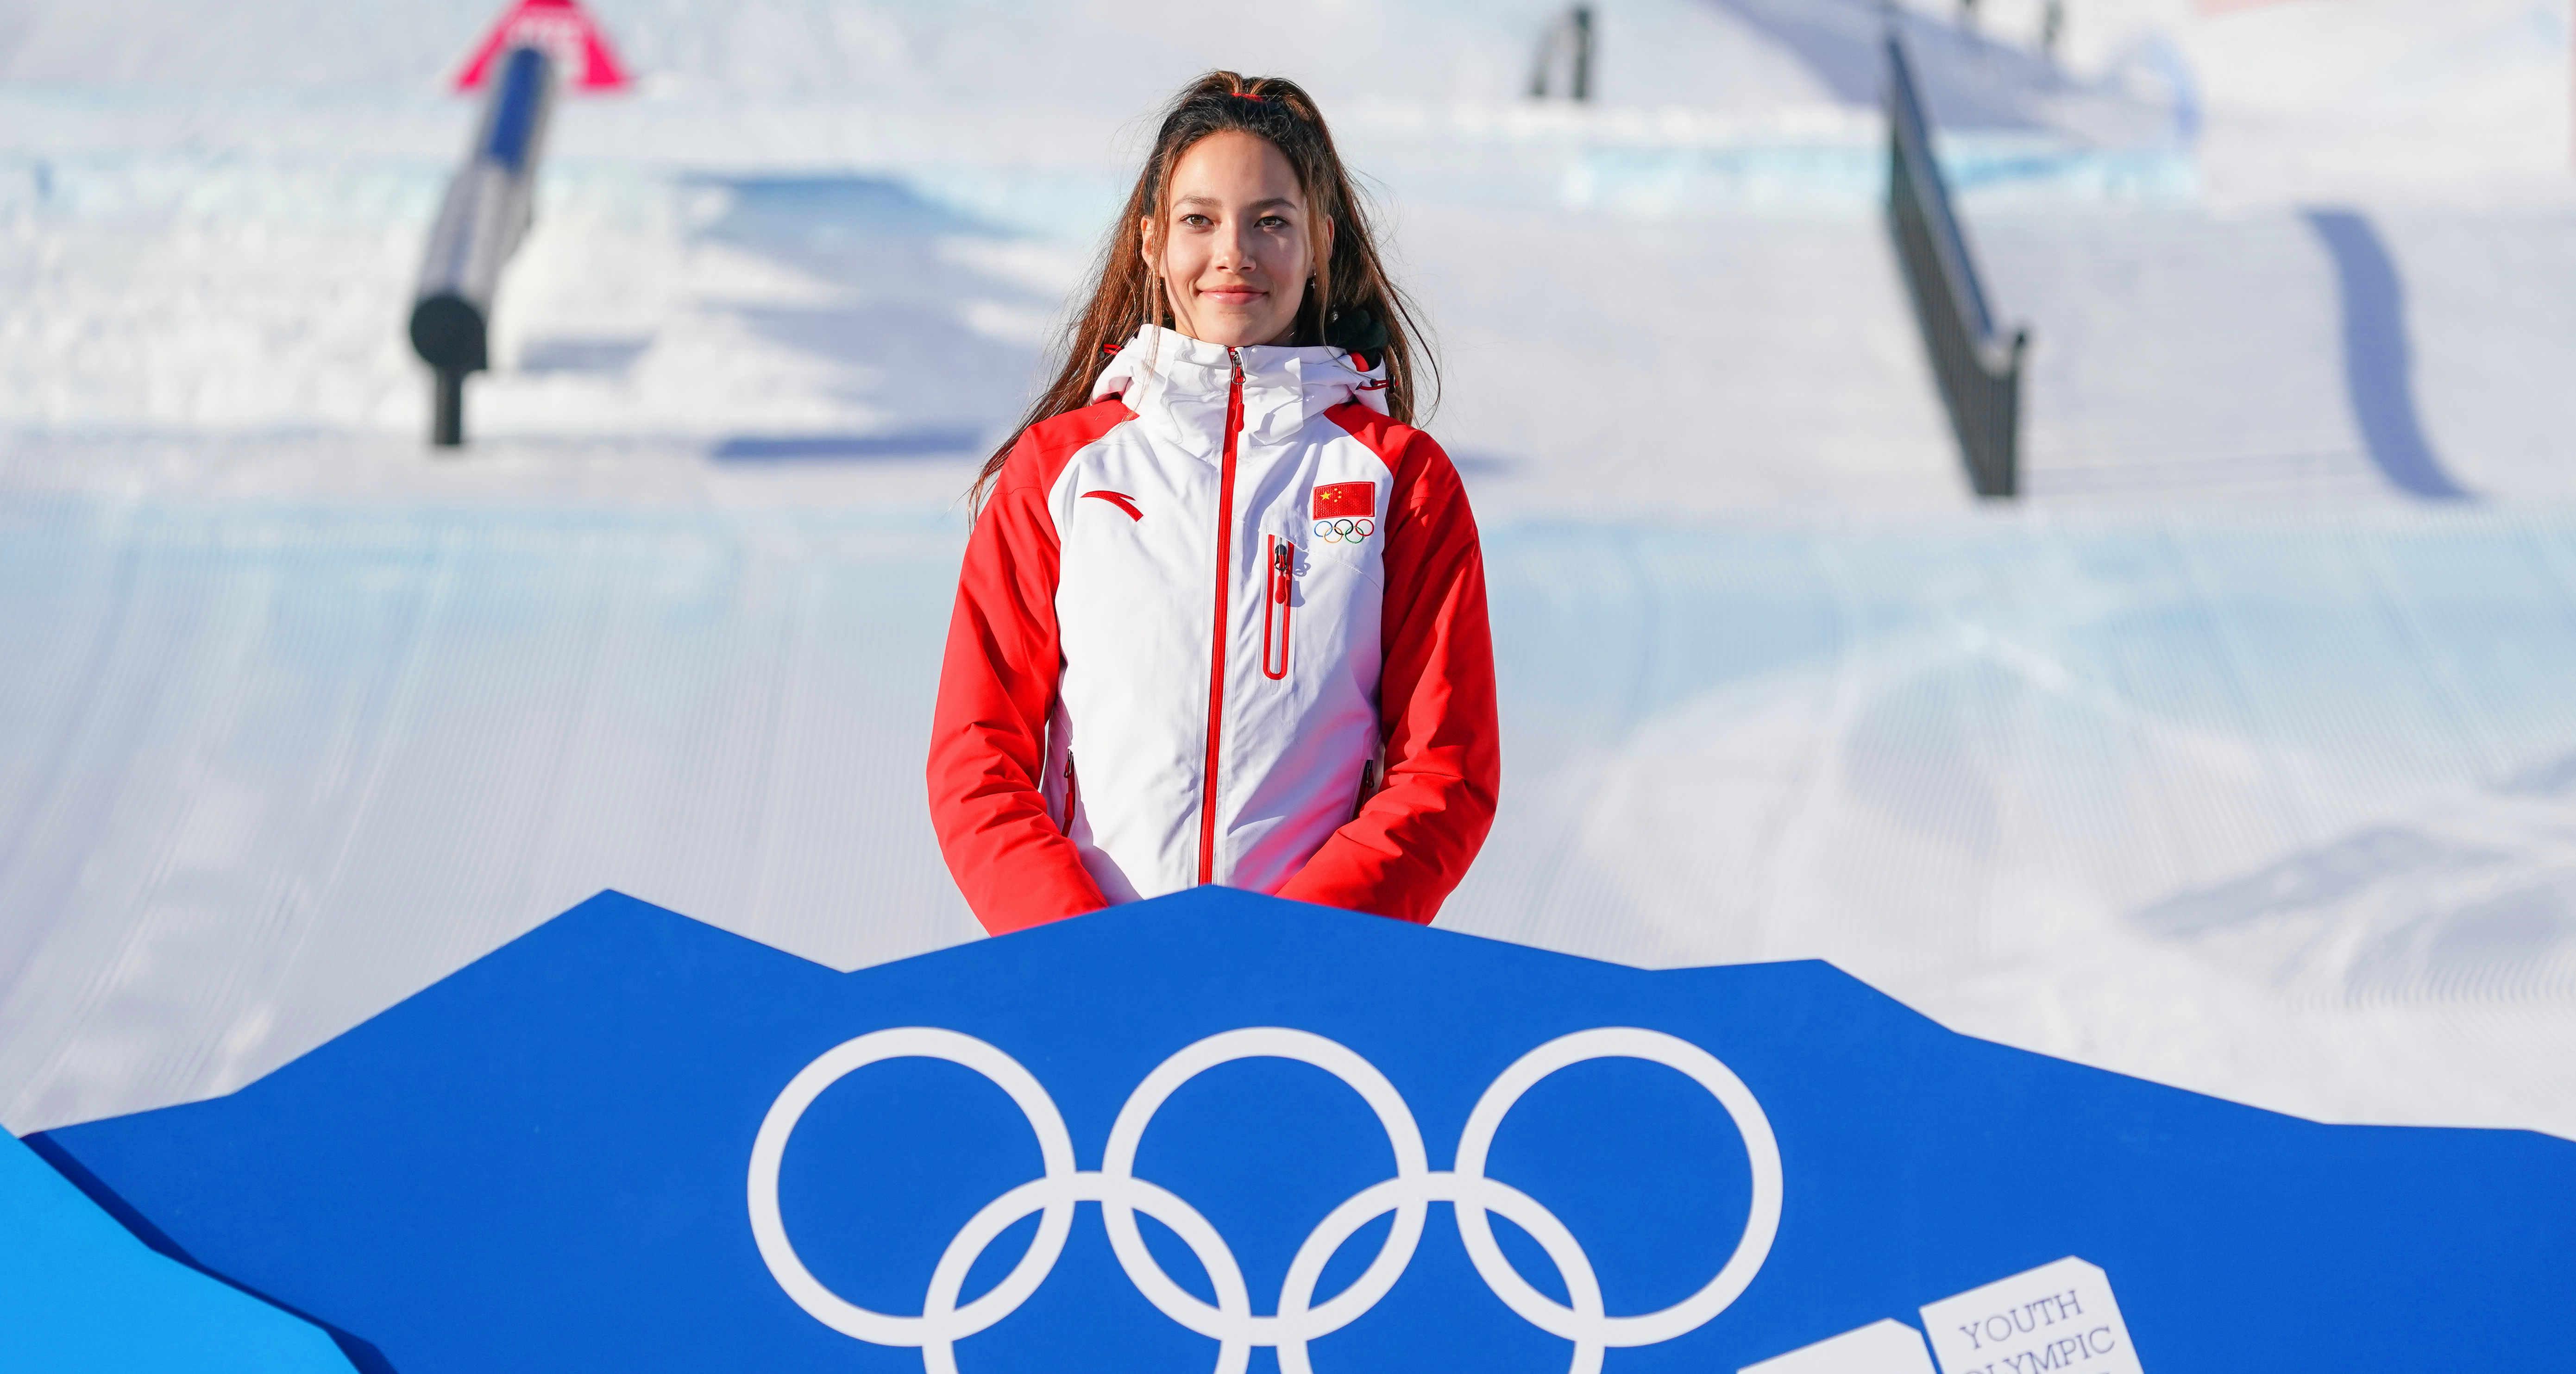 冬青奥会自由式滑雪——女子大跳台:谷爱凌夺冠